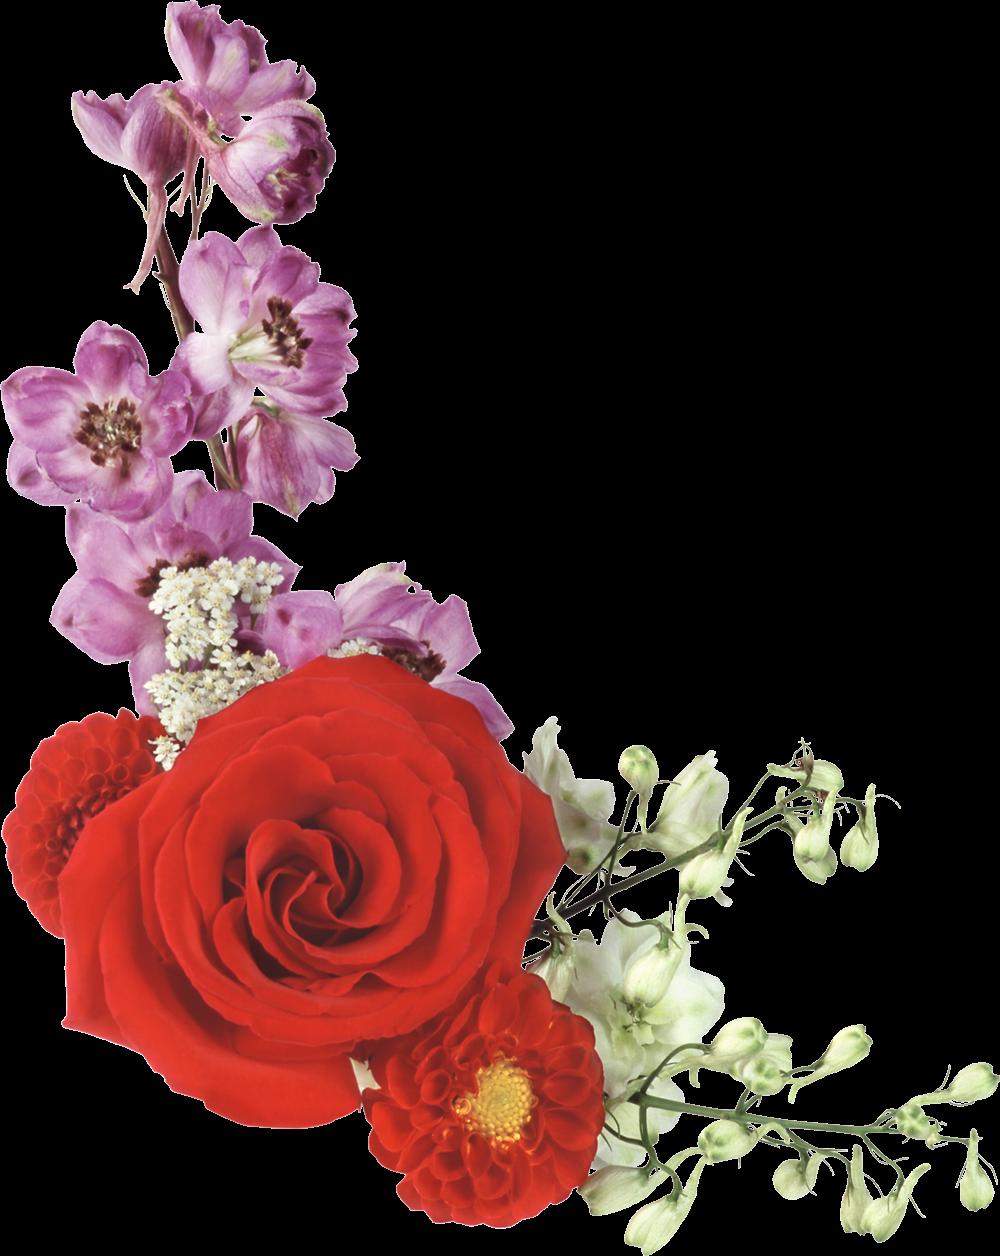 Цветы для фона картинки пмг, надпись